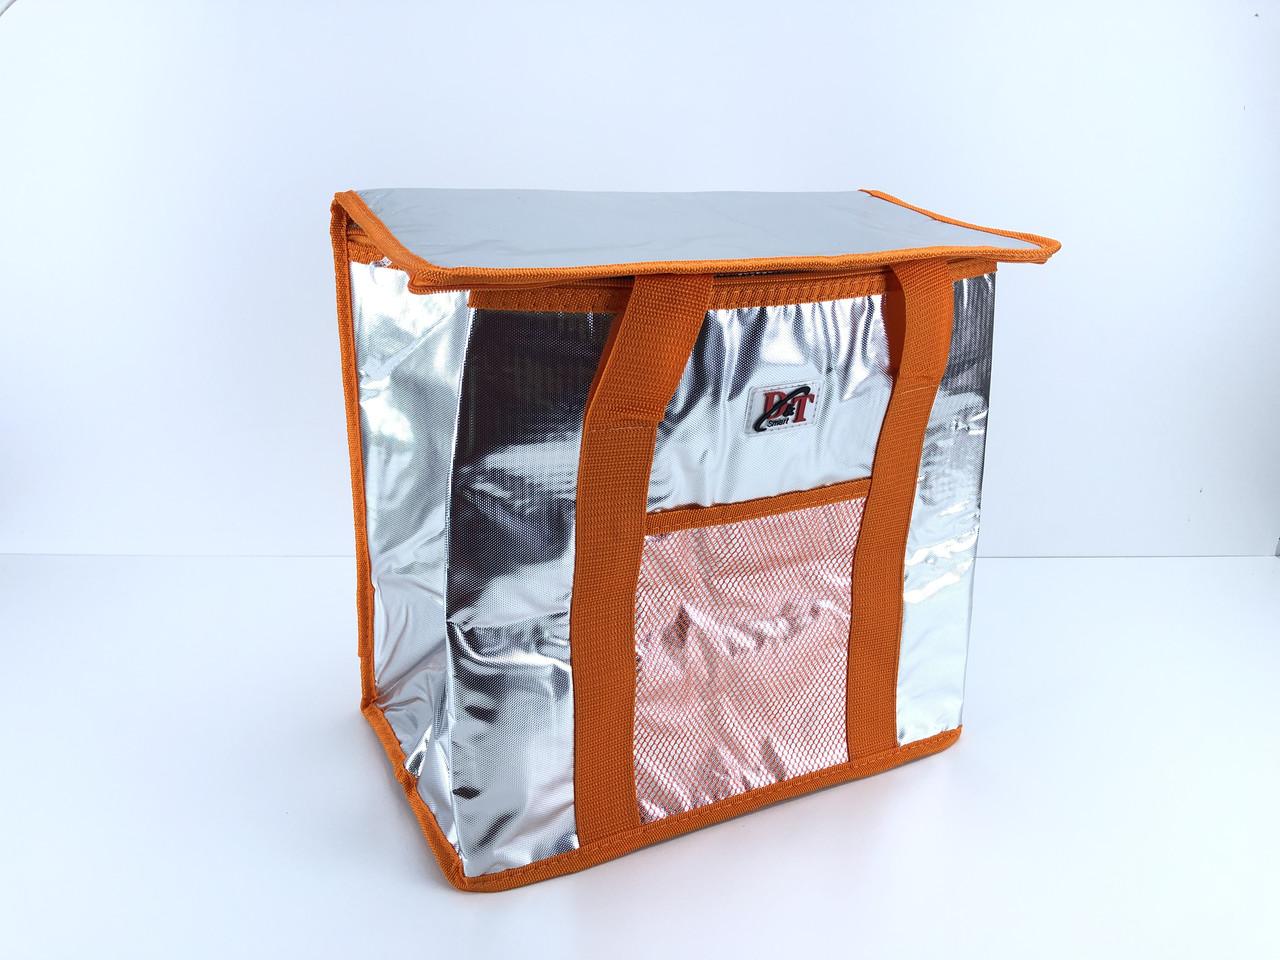 Термосумка переносная DT-4250 /36x22x33 см/ Сумка холодильник